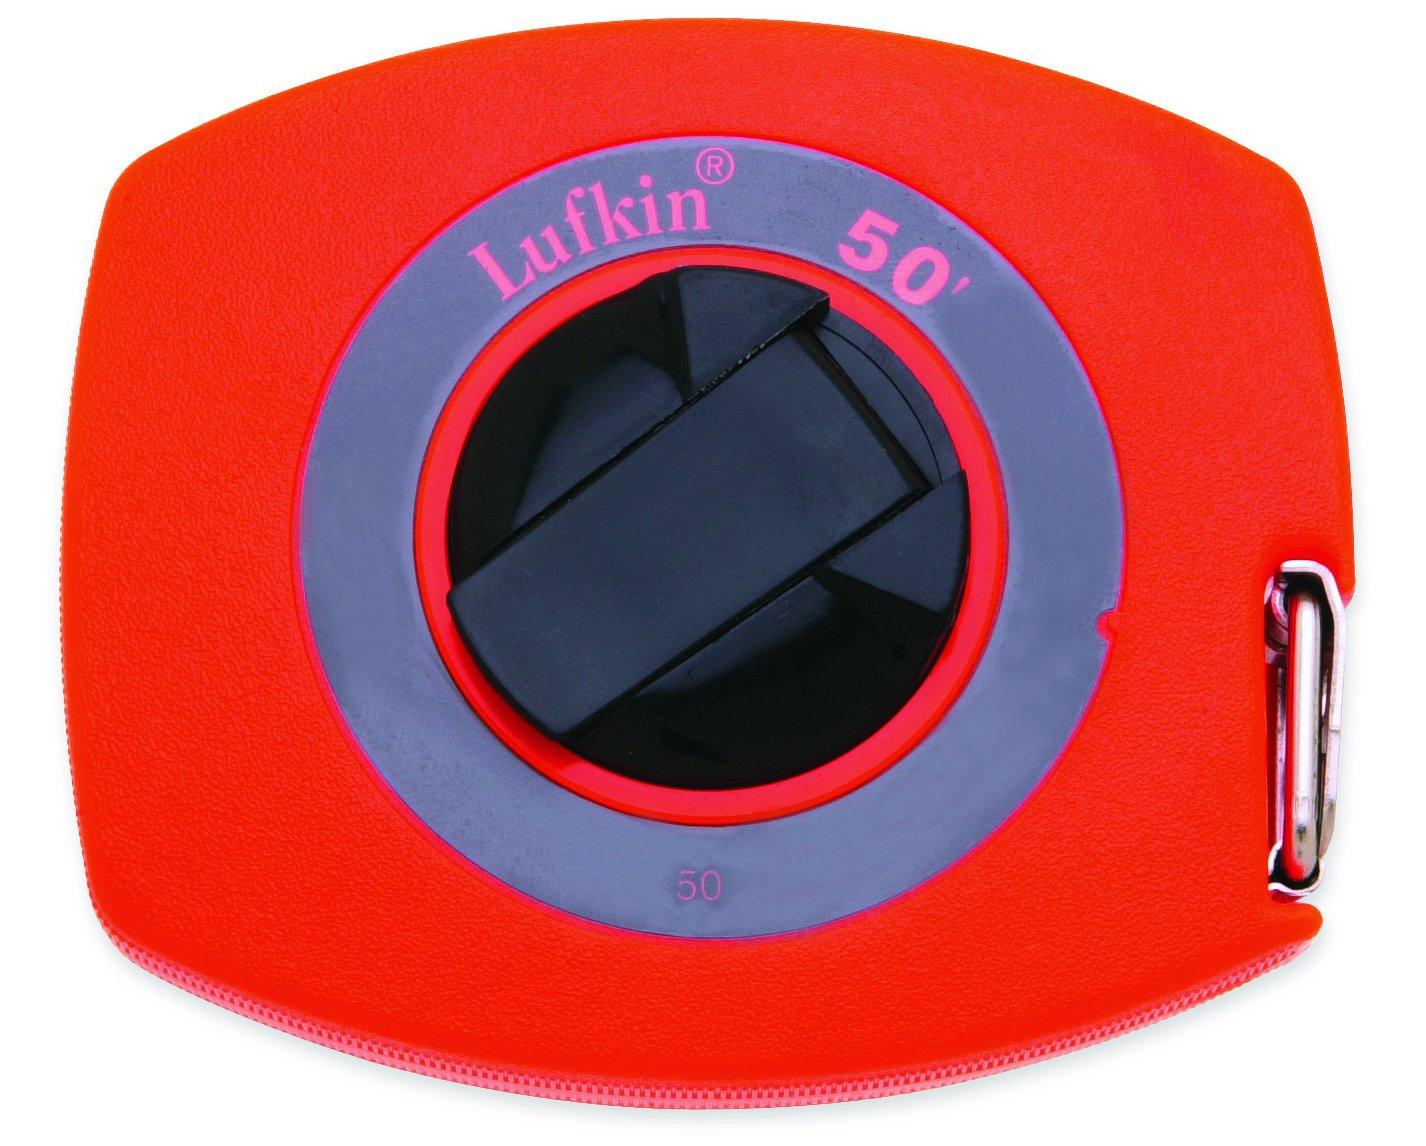 Lufkin 50 3/8-Inch x 50 Hi-Viz Lightweight Steel Tape